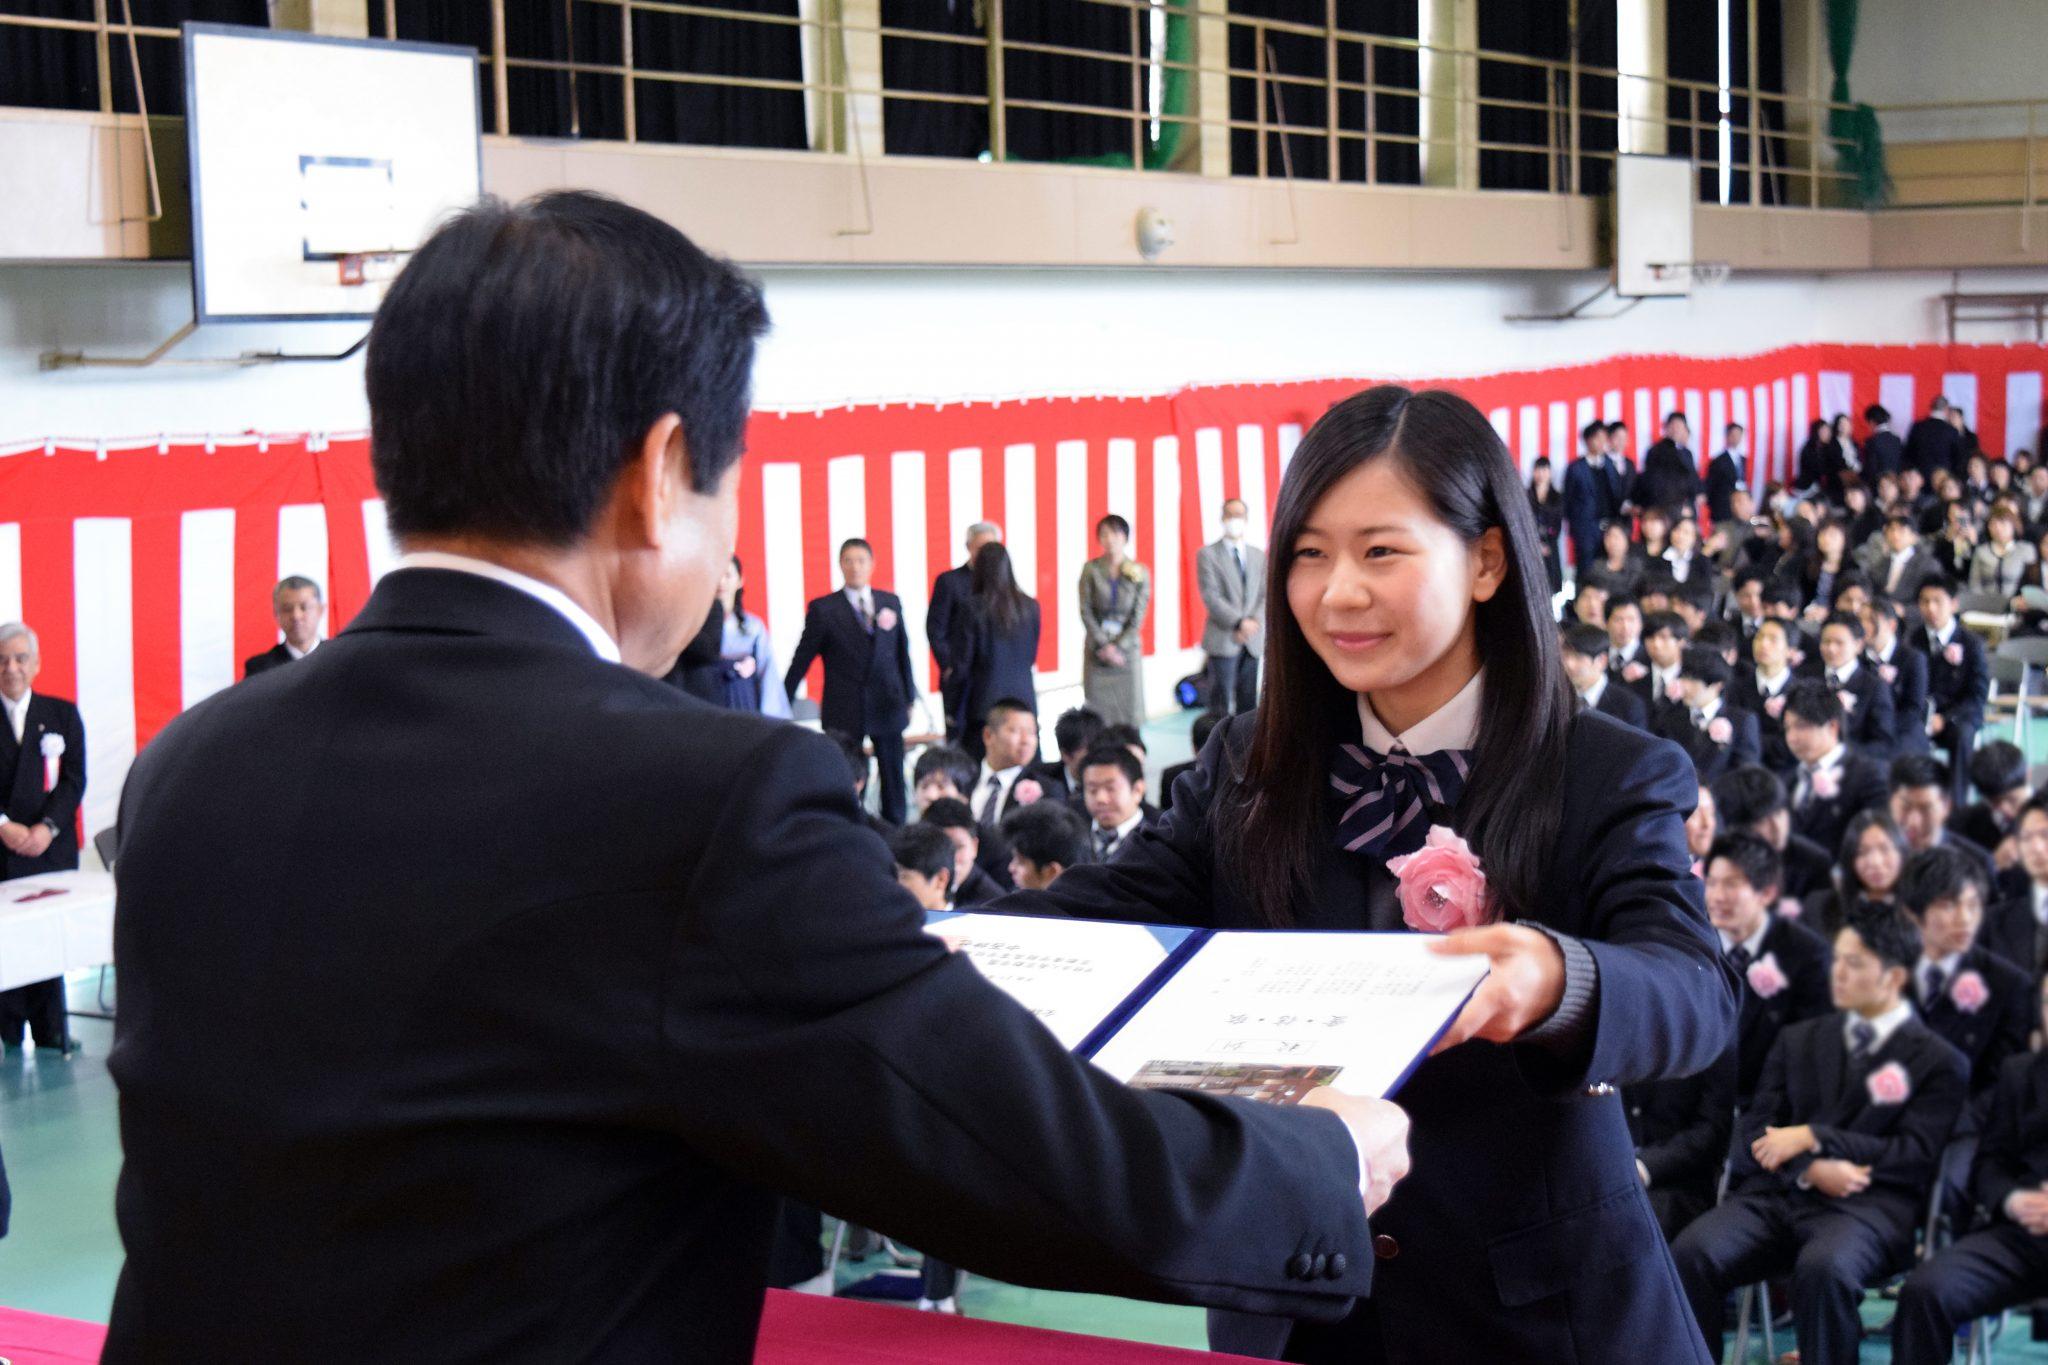 平成26年度「卒業証書授与式」を行いました。 少し照れくさそうに、そして誇らしげに入場した卒業生一同は、一人ひとり校長先生から卒業証書を受け取ると、お世話に